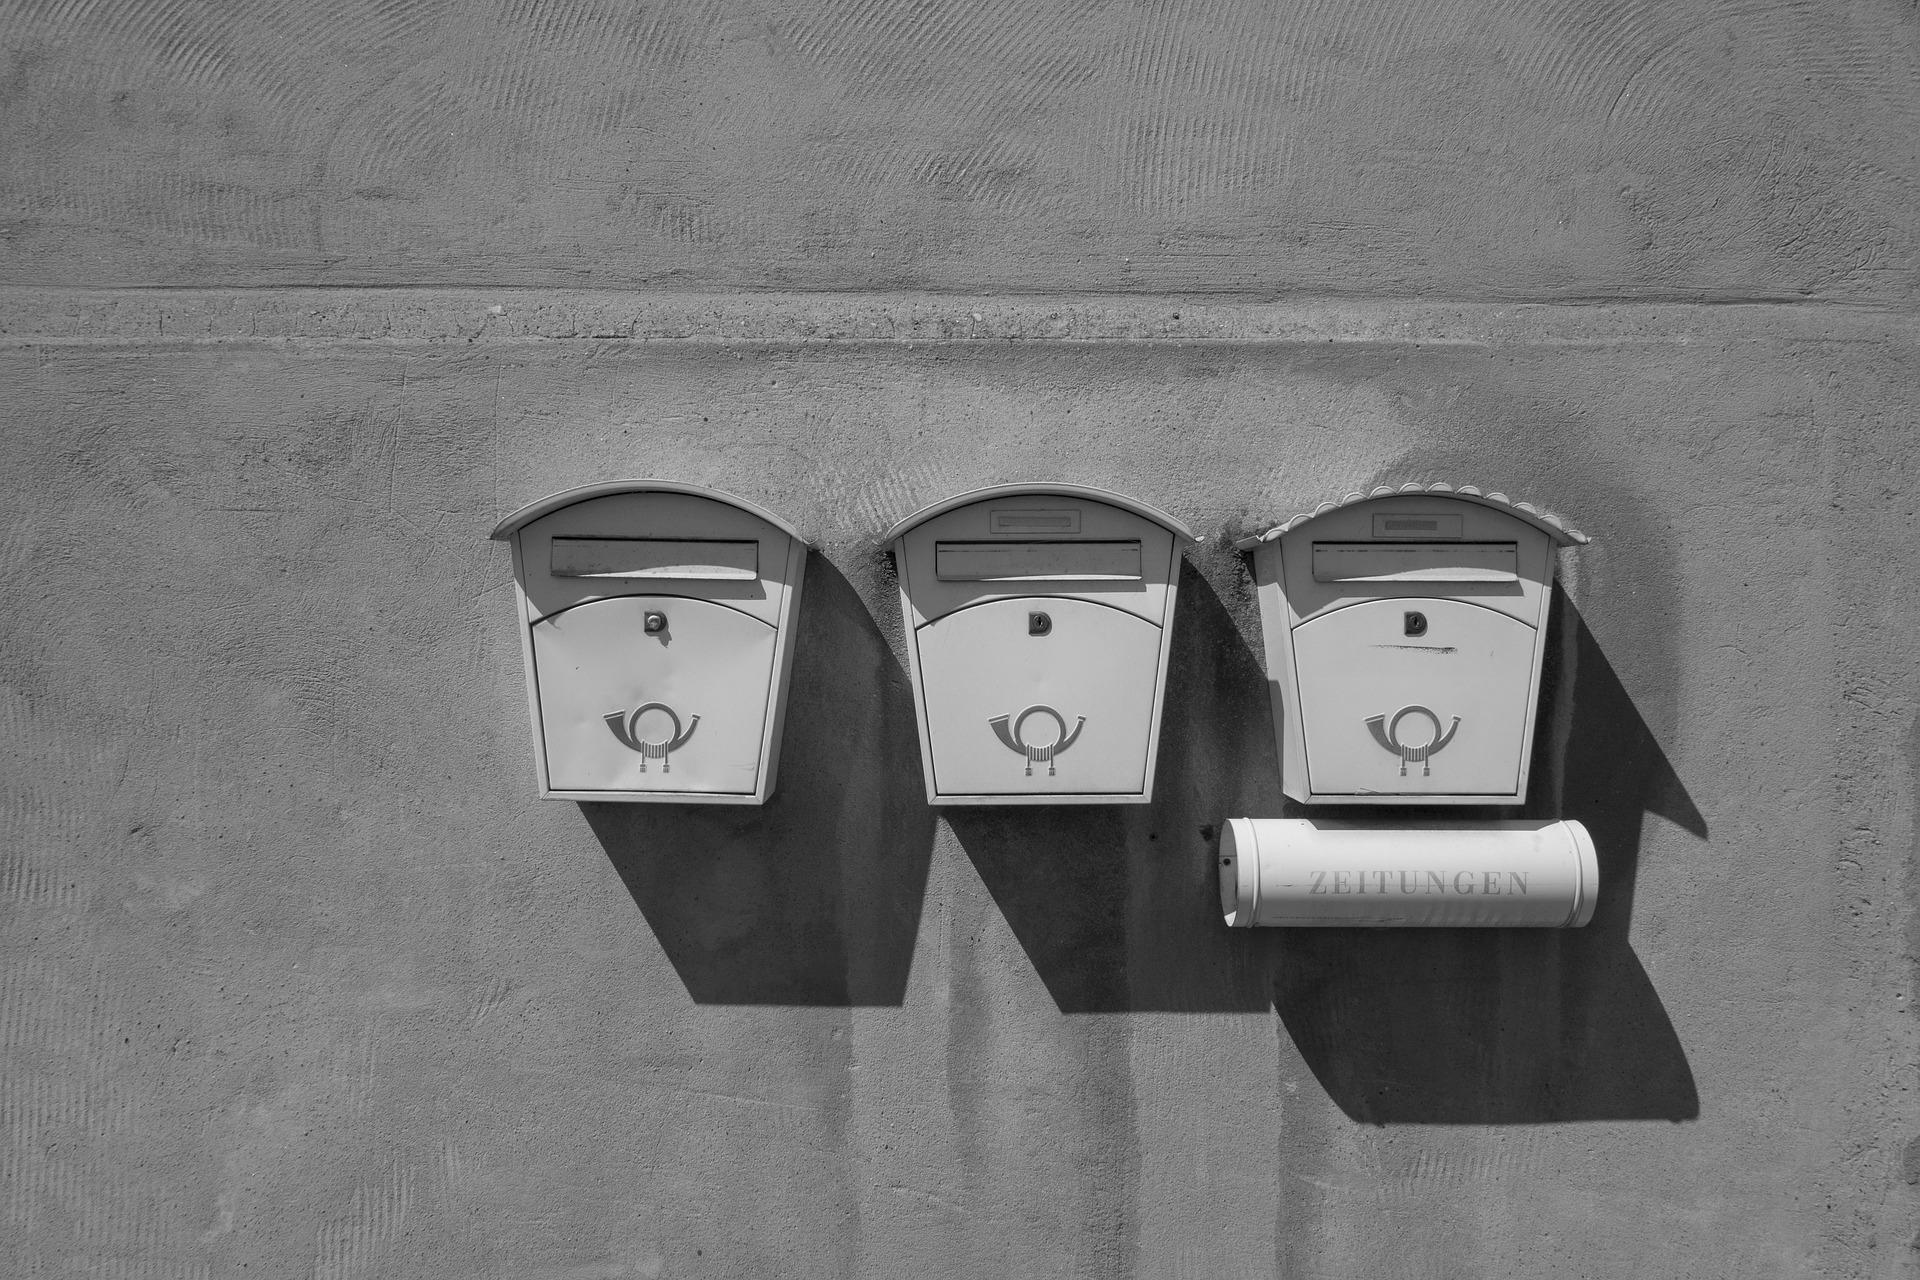 Imagen de unos buzones de correos en serie